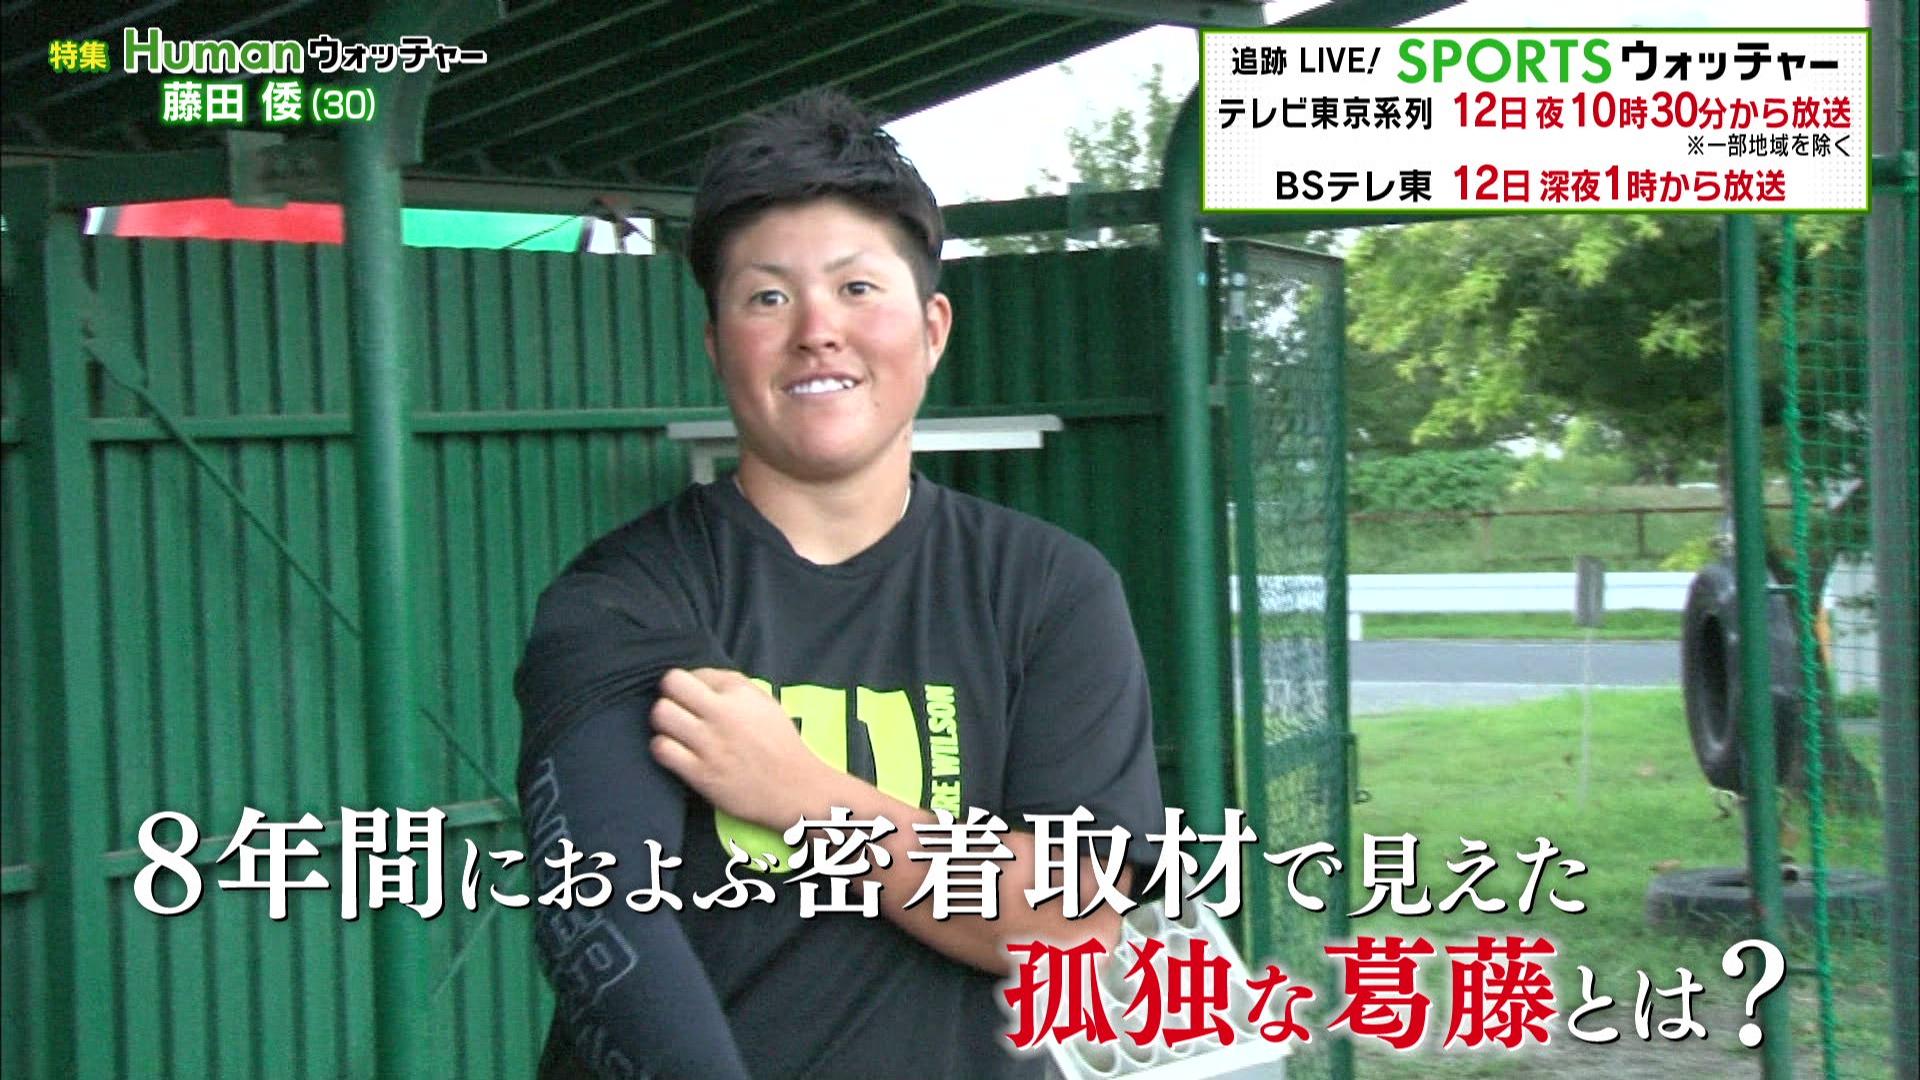 密着取材で見えた孤独な葛藤 女子ソフトボール日本代表・藤田倭/Humanウォッチャー